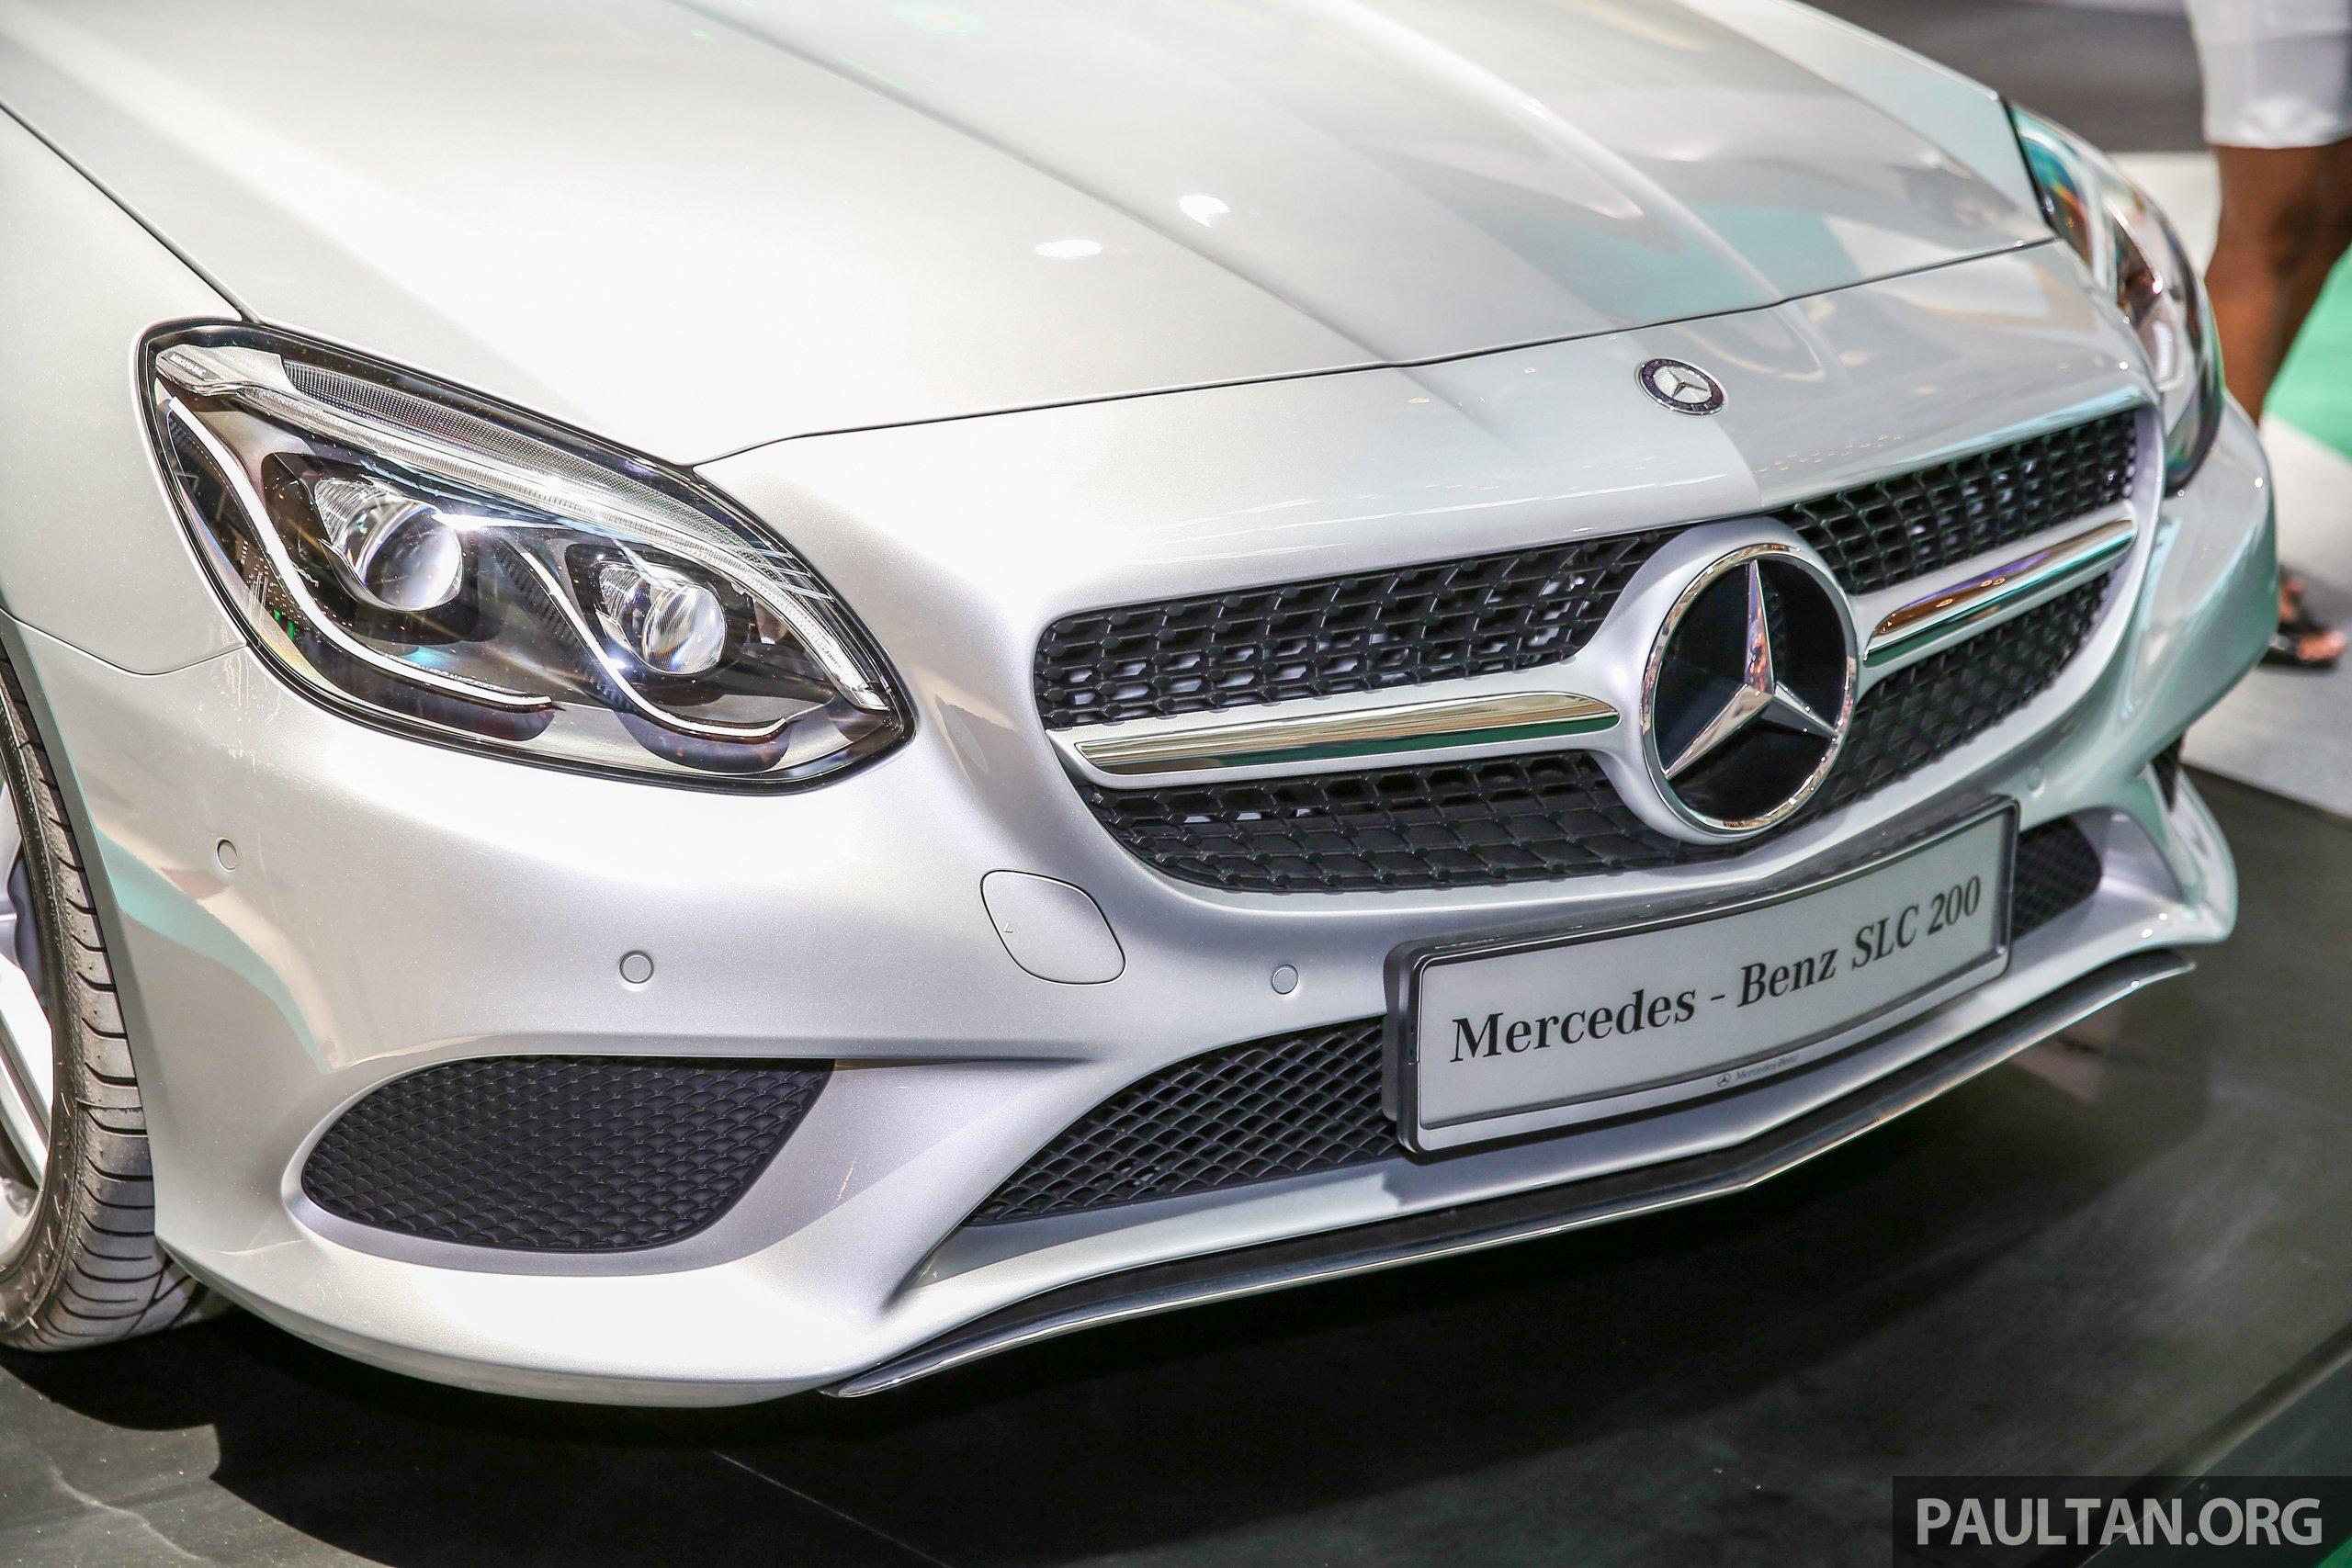 Mercedes-Benz SLC 200 diprebiu di Malaysia Paul Tan ...